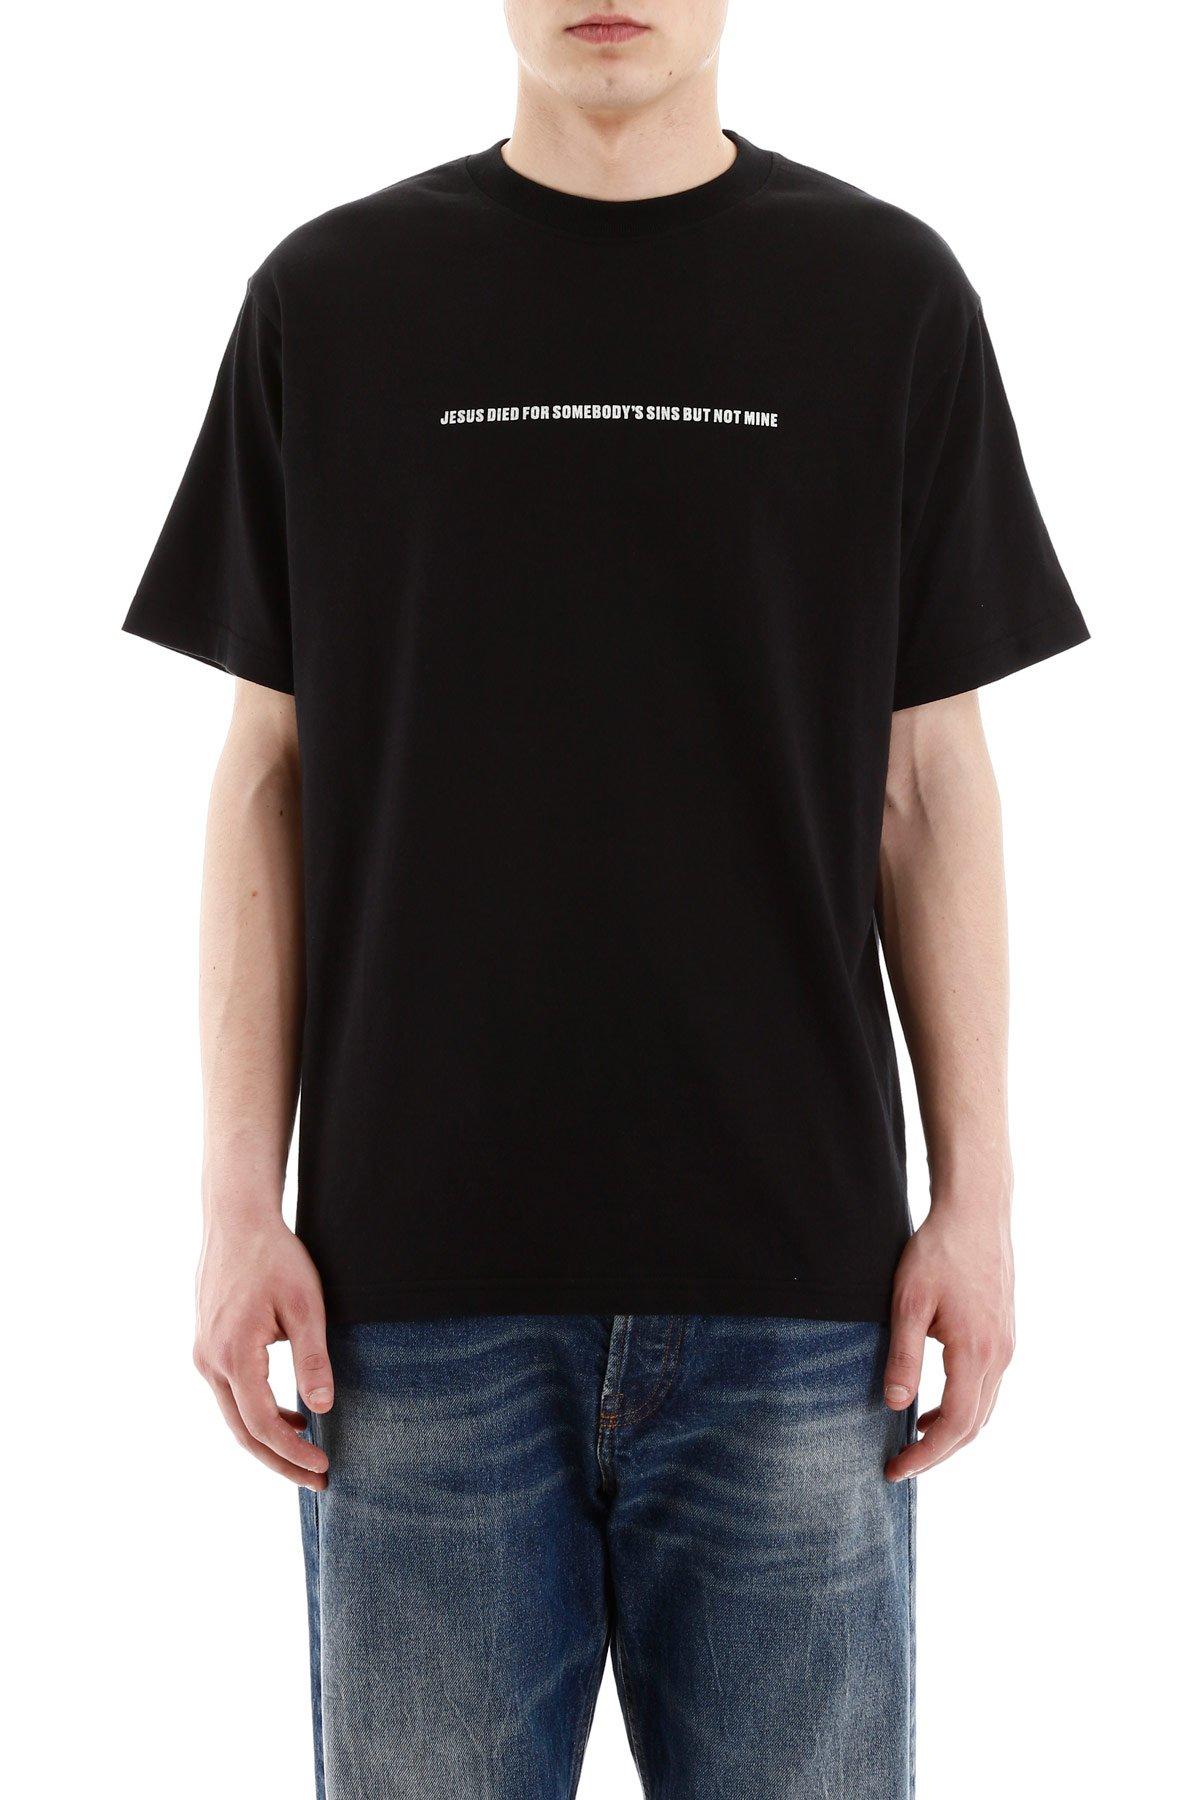 424 t-shirt but not mine